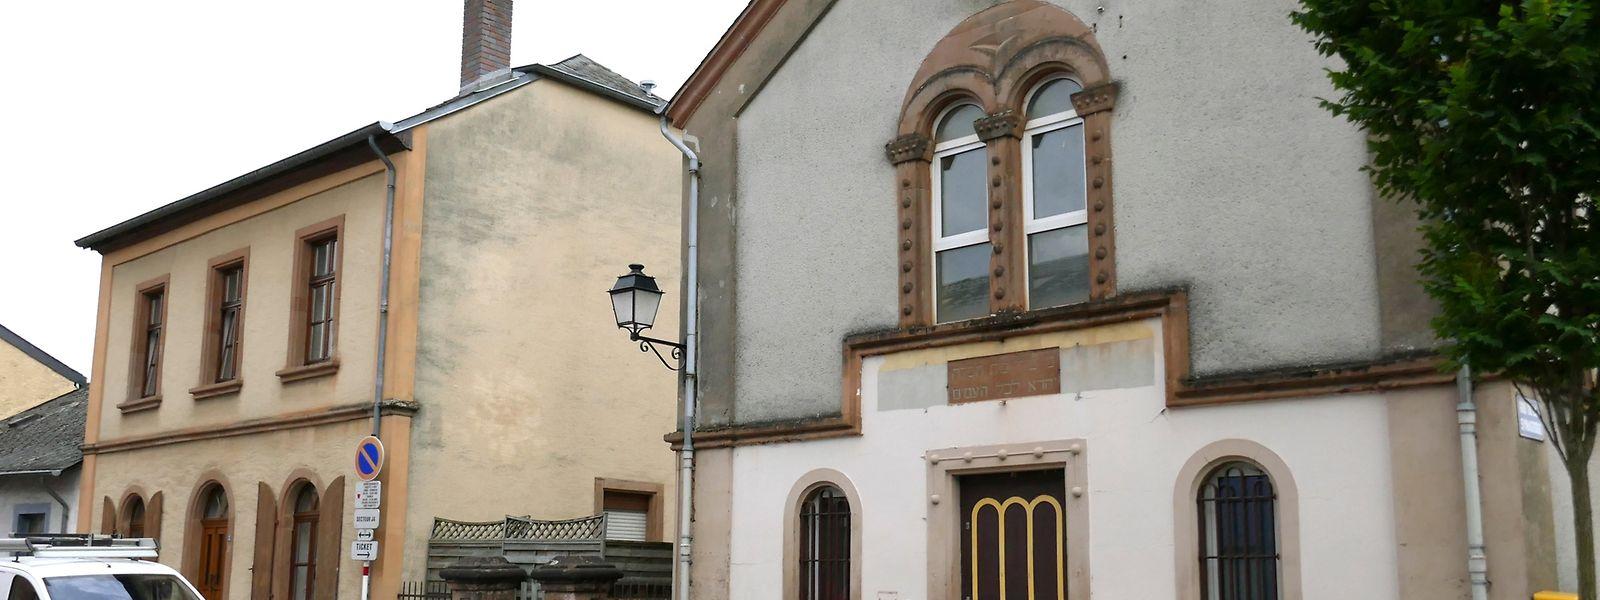 Als einzige in Luxemburg hat die Synagoge in Ettelbrück (r.) den Zweiten Weltkrieg überlebt.